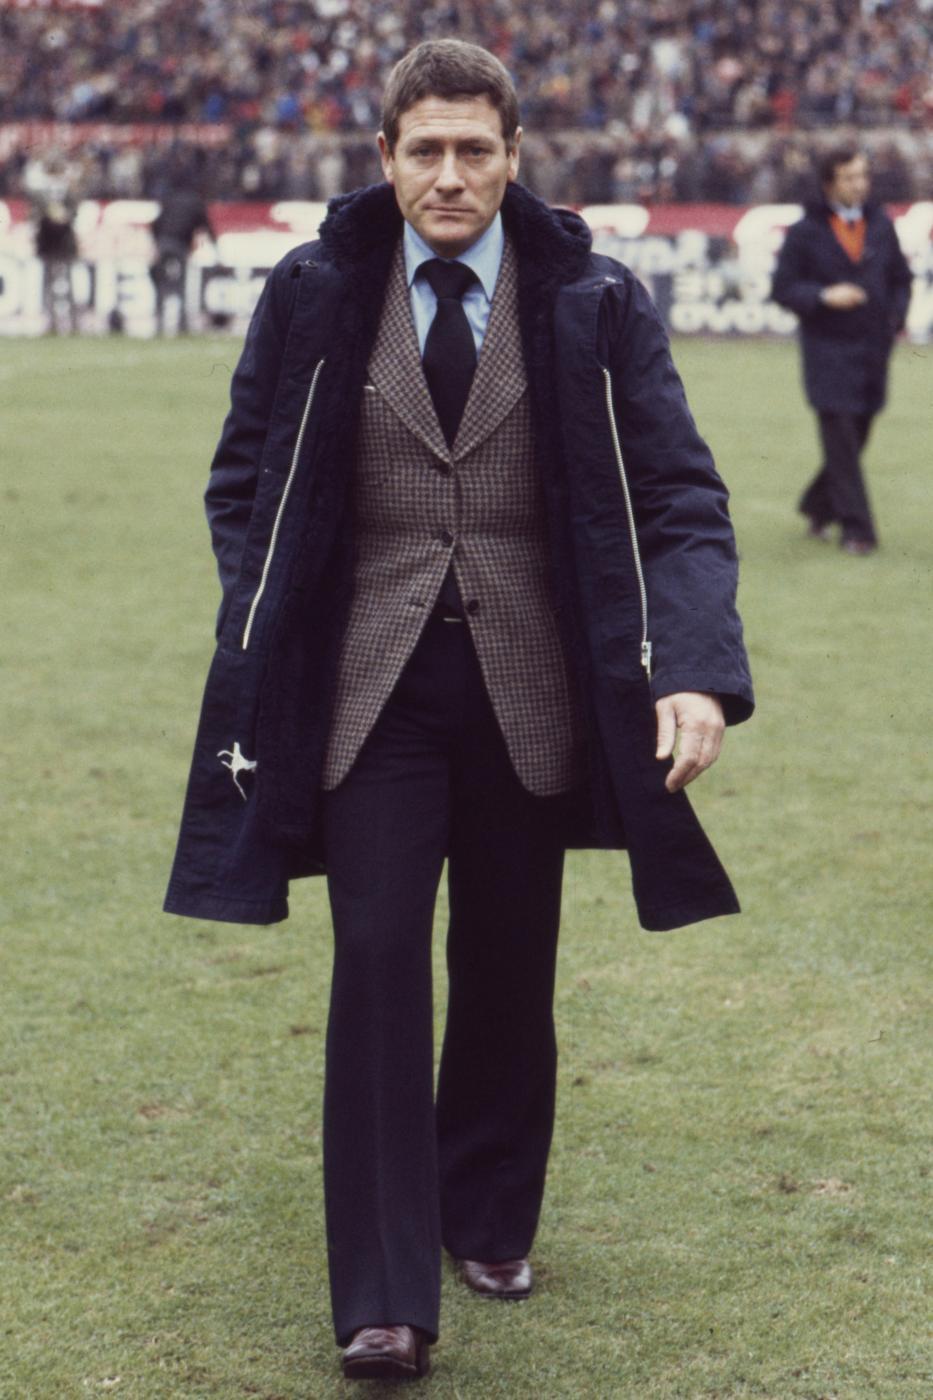 Gigi Radice (7 dicembre 2018)  - L'ex giocatore del Milan e l'allenatore dell'ultimo scudetto del Torino ci ha lasciato all'età di 83 anni